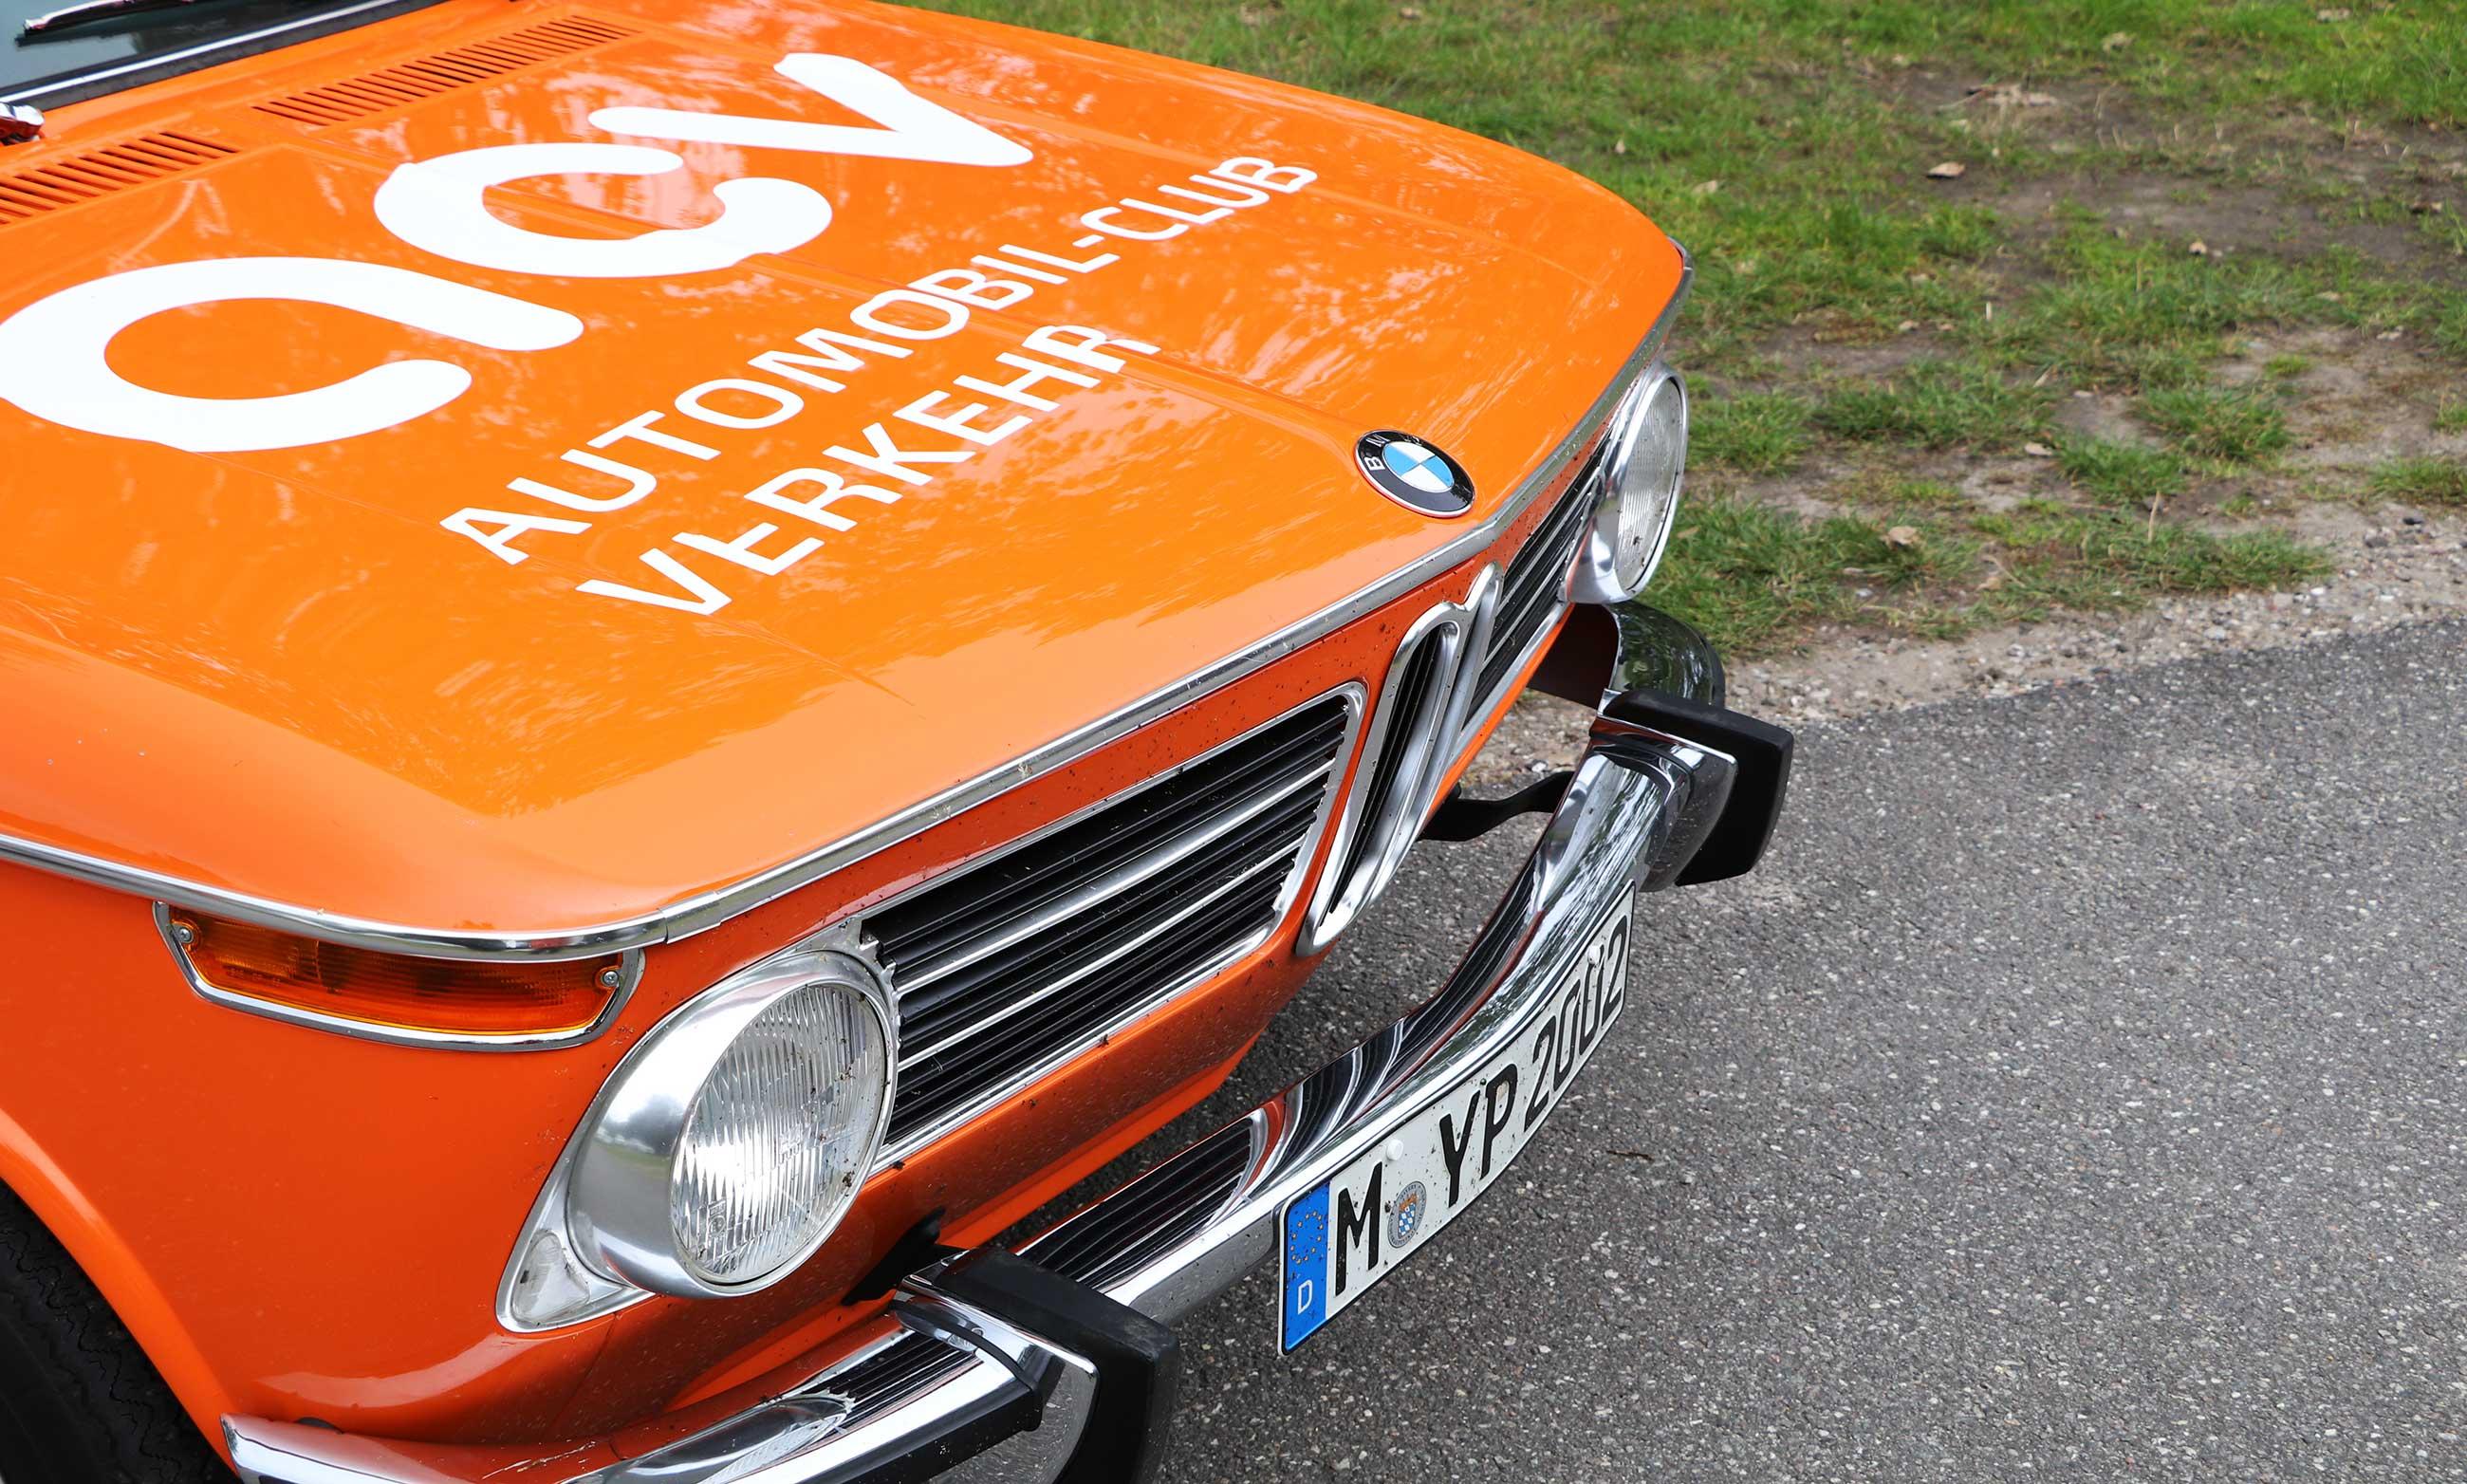 Bericht: Meine Teilnahme an der Creme 21 Youngtimer Rallye 2019 Creme-21-Youngtimer-Rallye-2019_Nachbericht_96